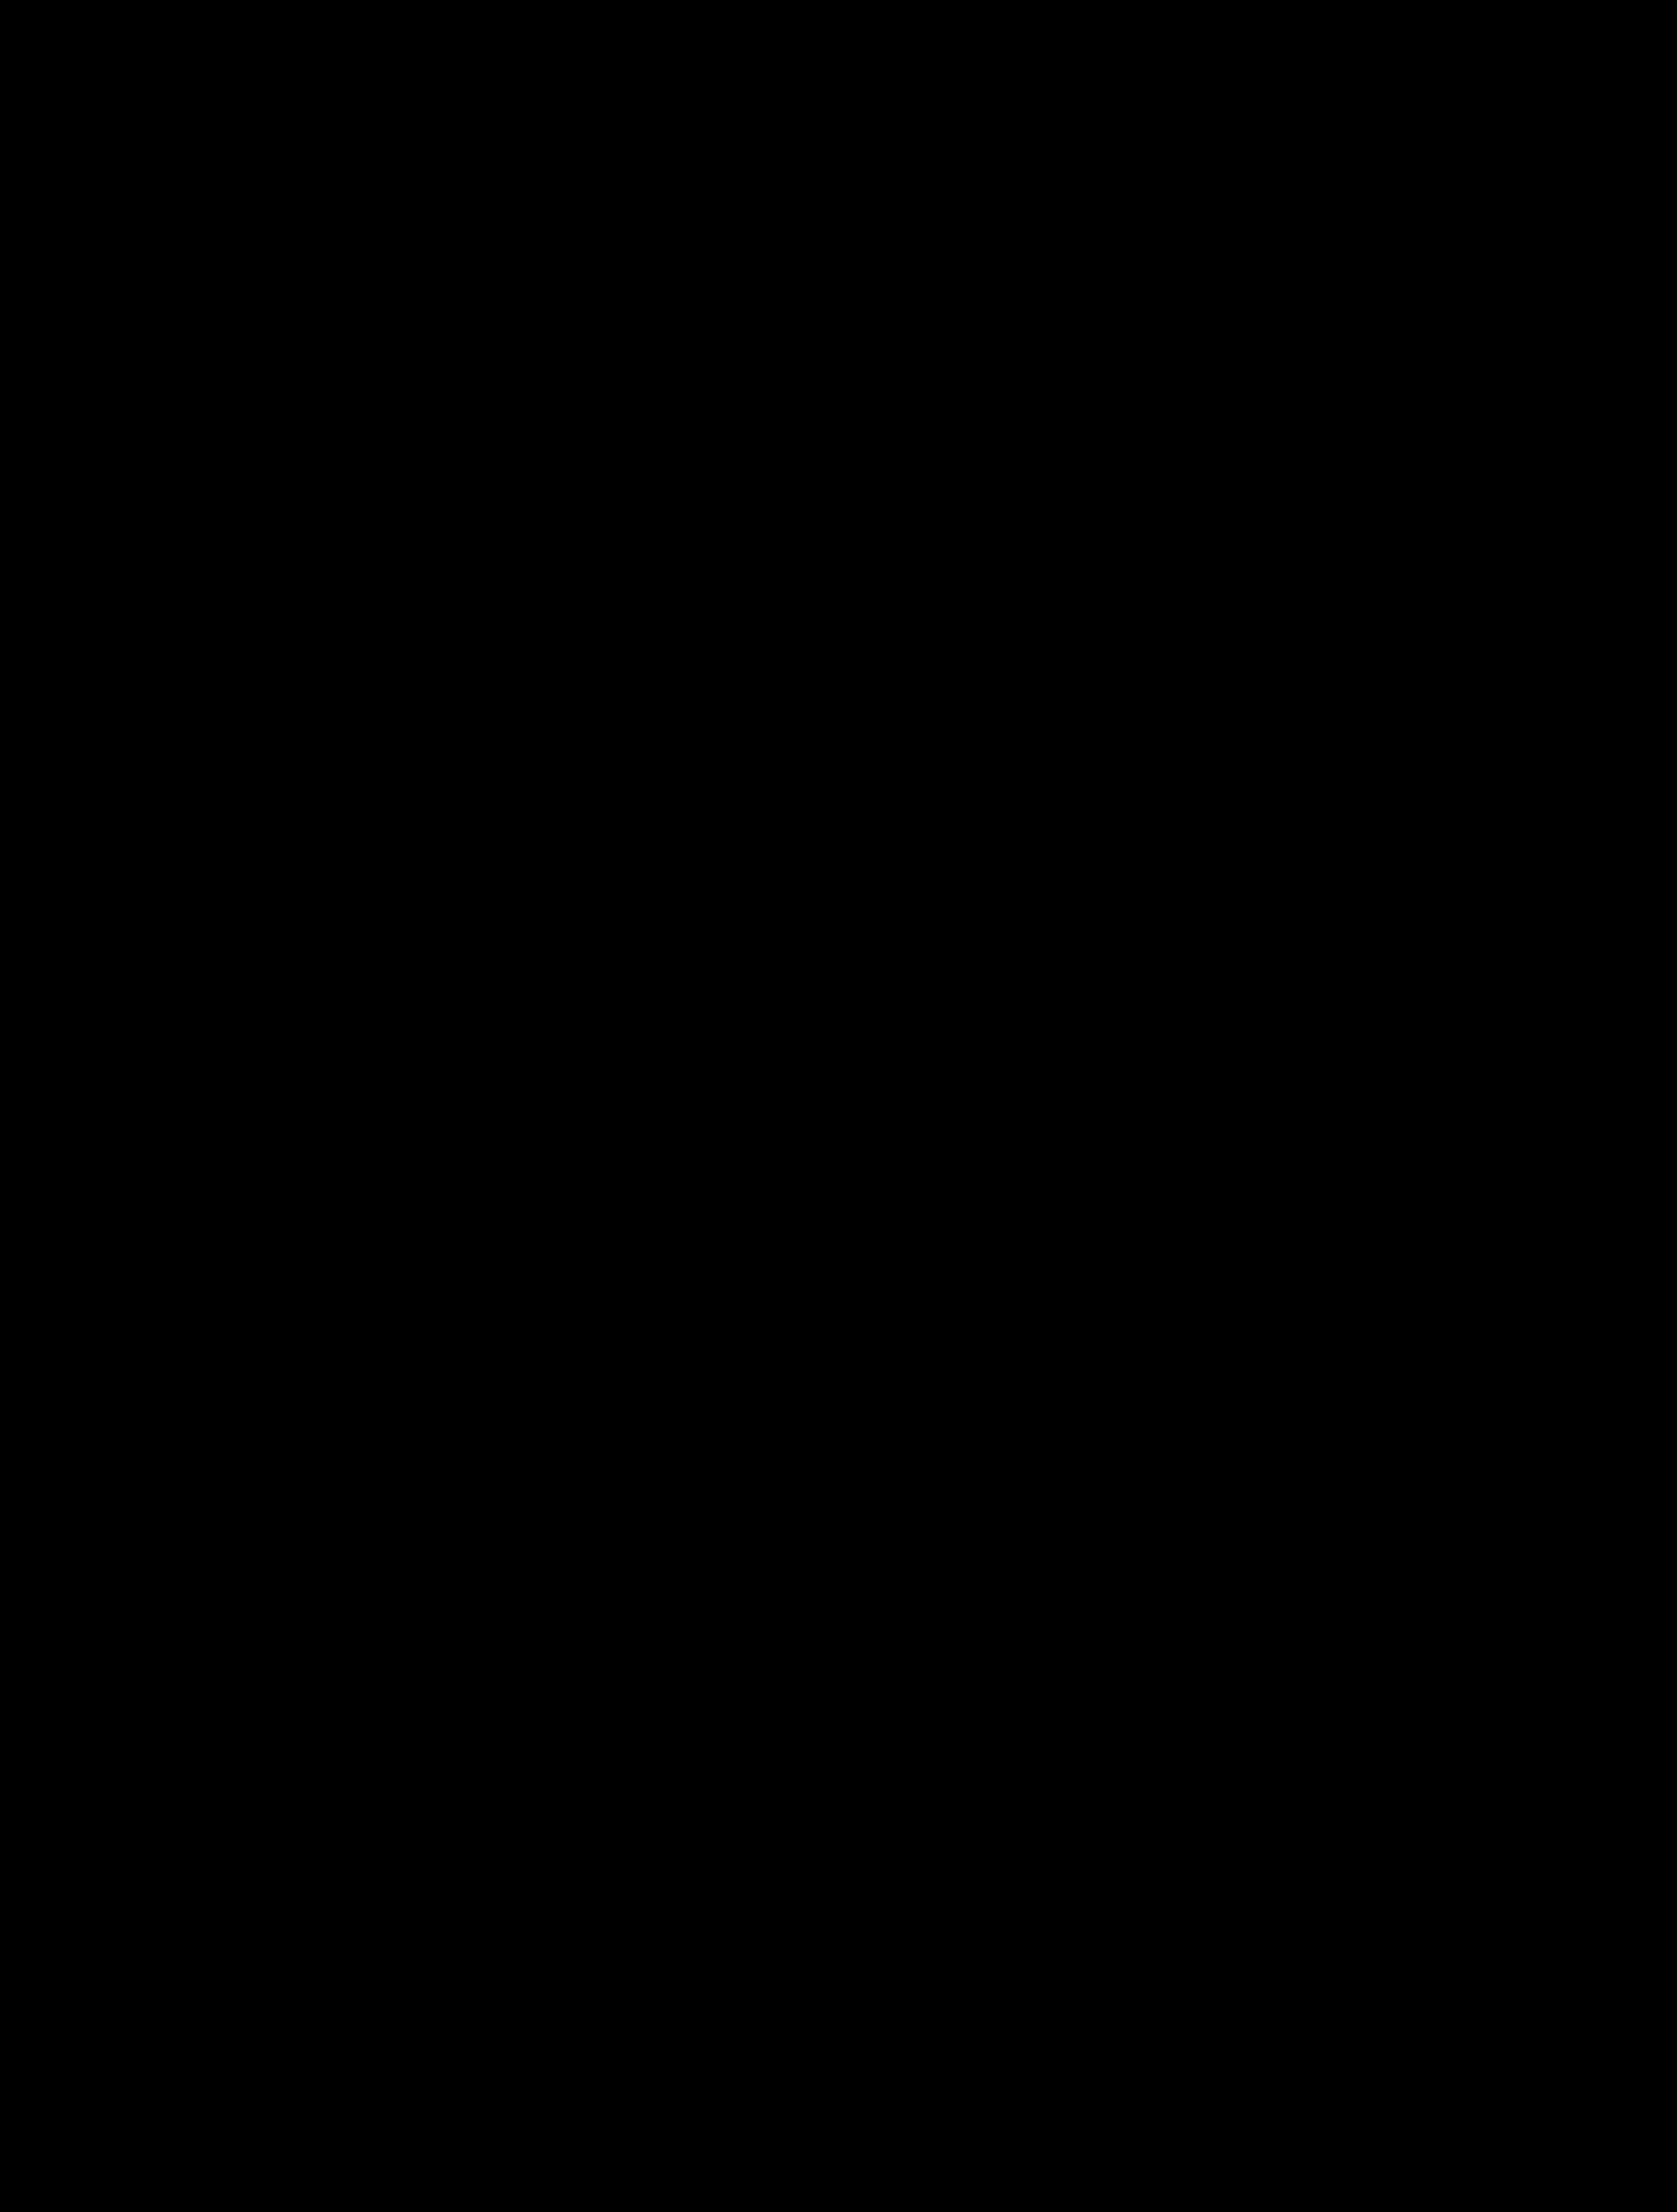 1820x2400 Smart Design Clipart Wolf Dot To Und Der 2 Station